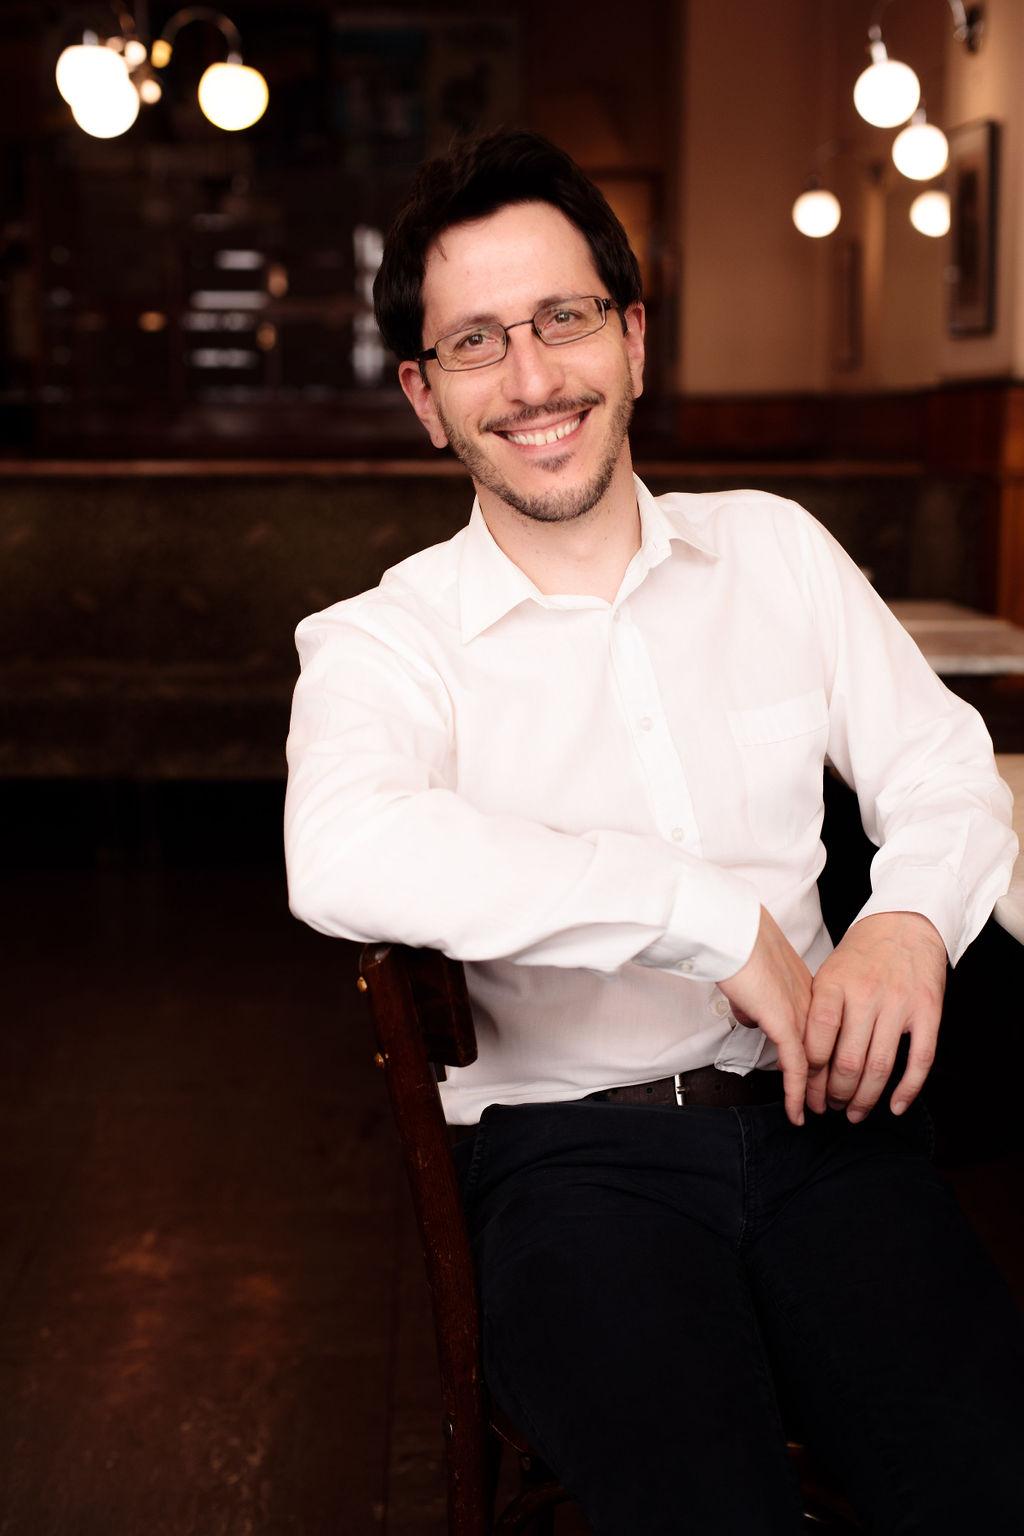 Manuel Schuen